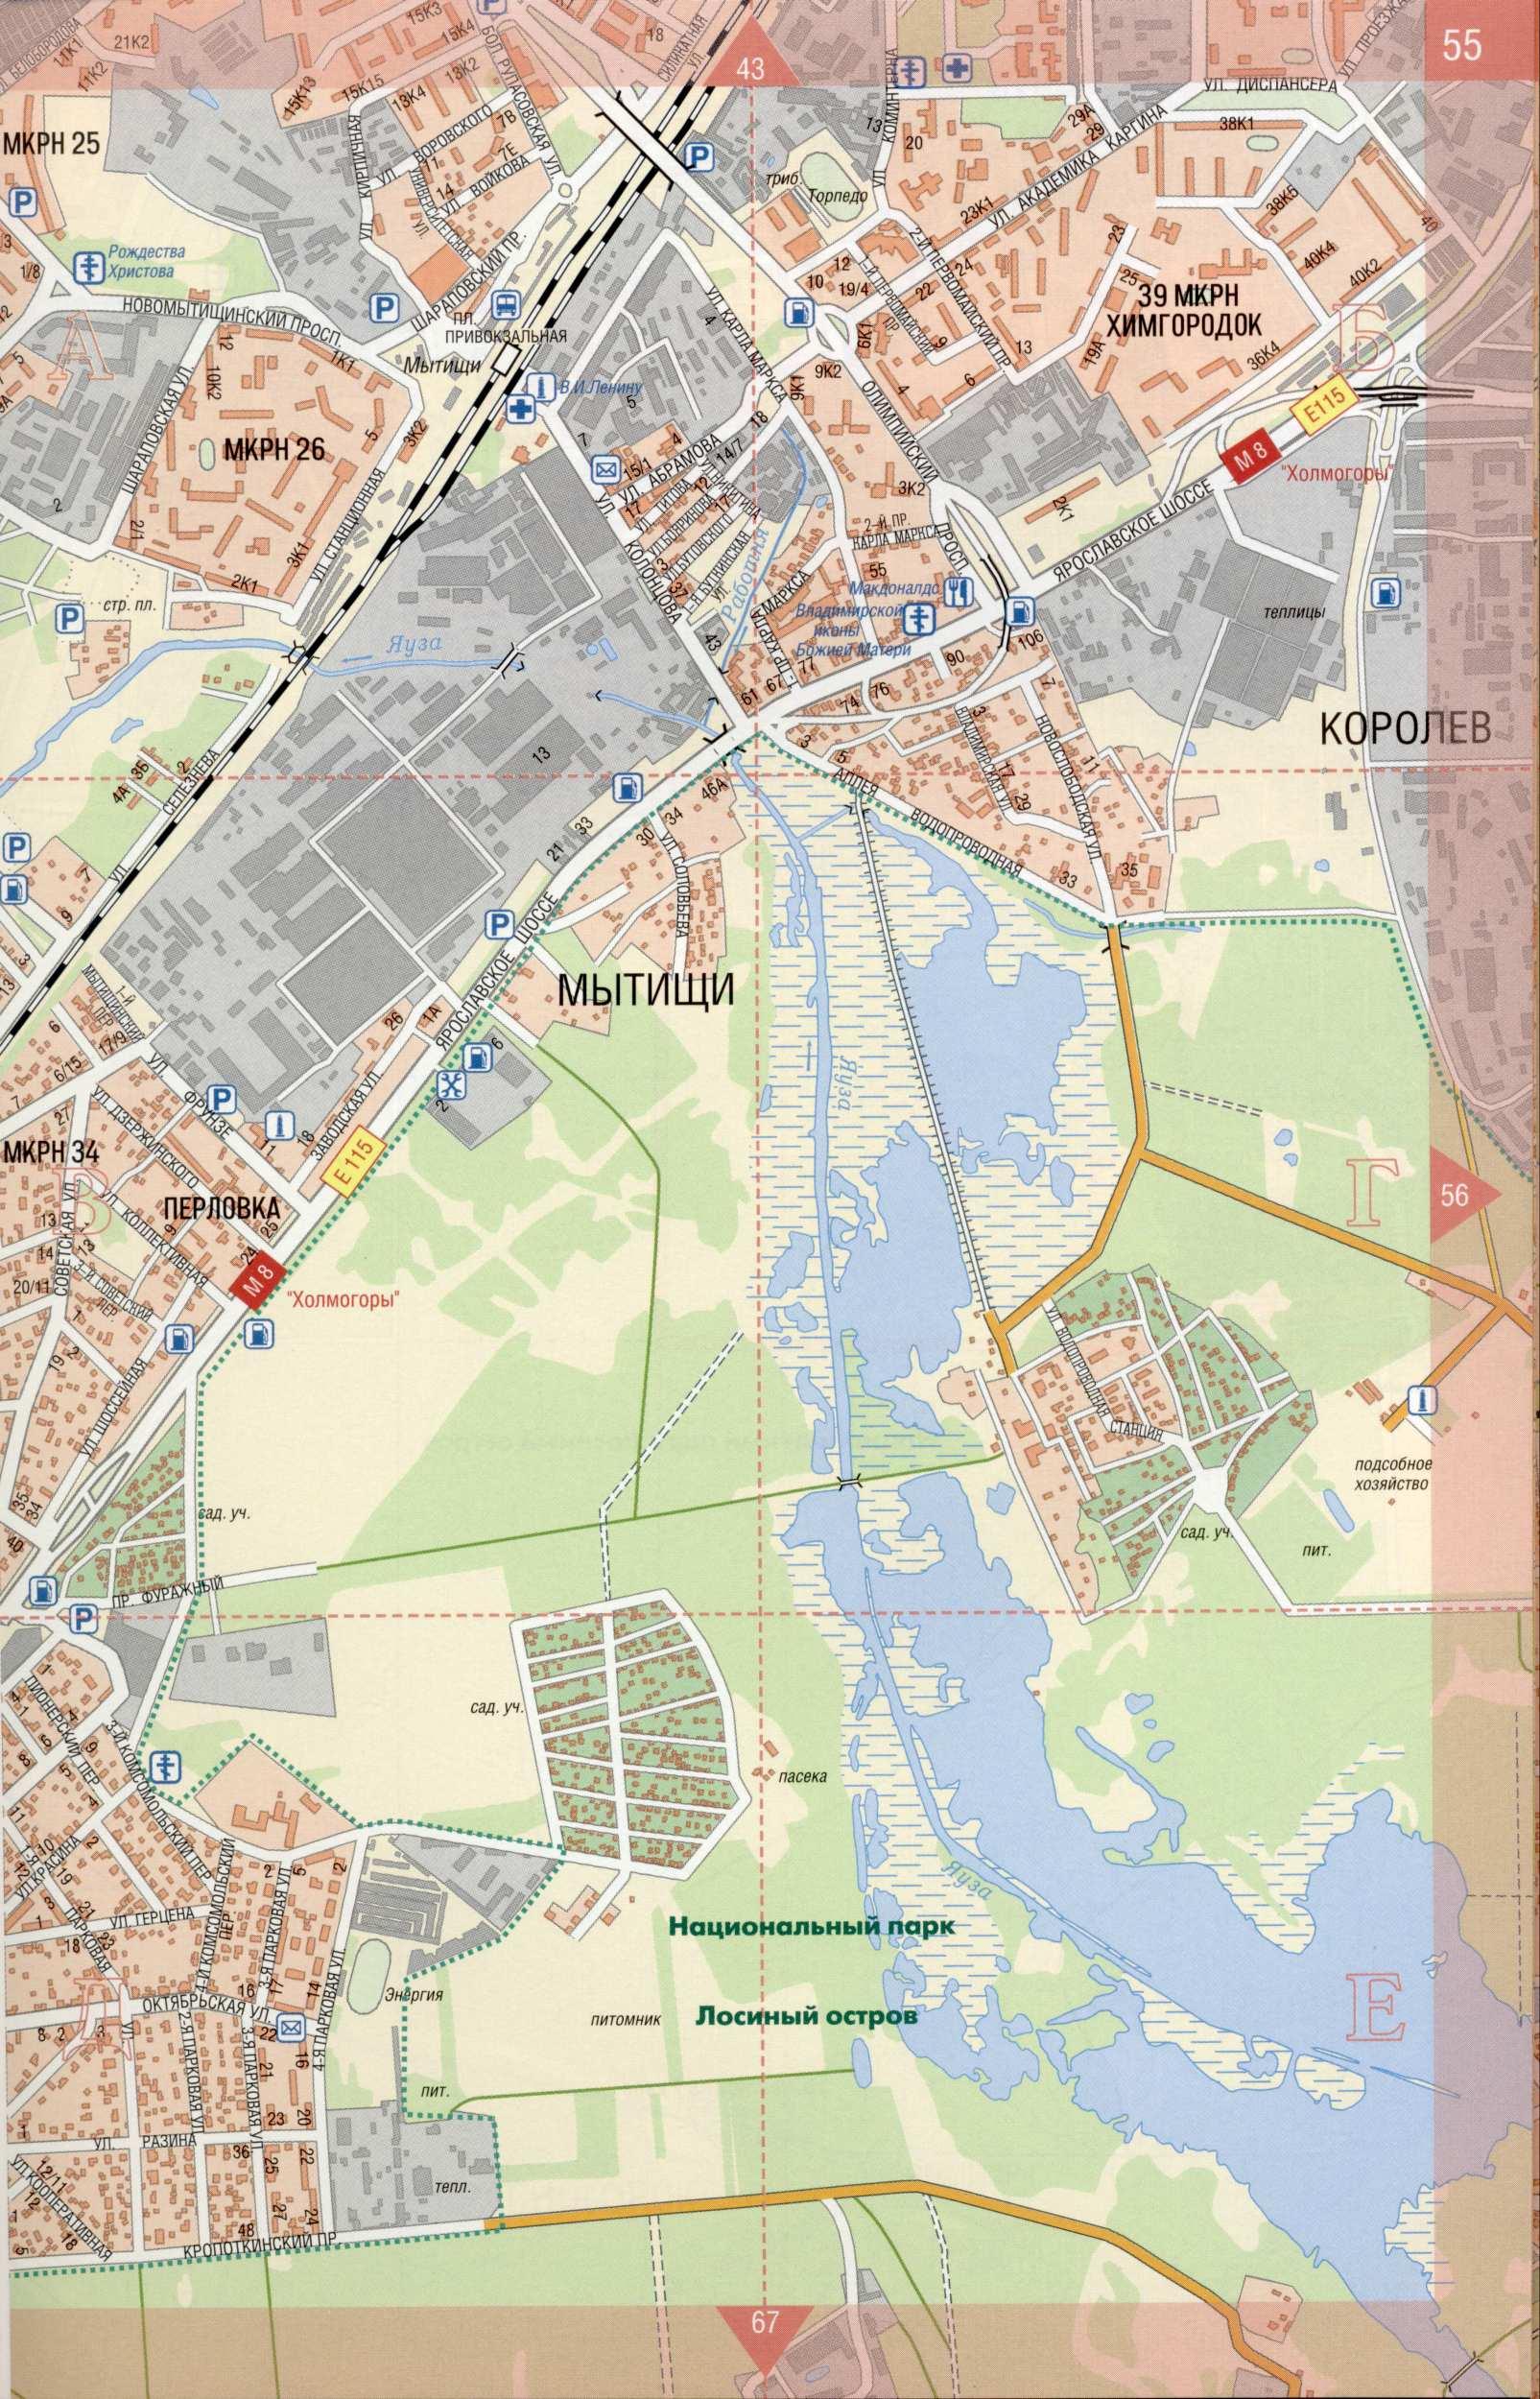 Карта Москвы с названиями улиц. Подробная карта улиц ...: http://rus-map.ru/map257859_0_9.htm